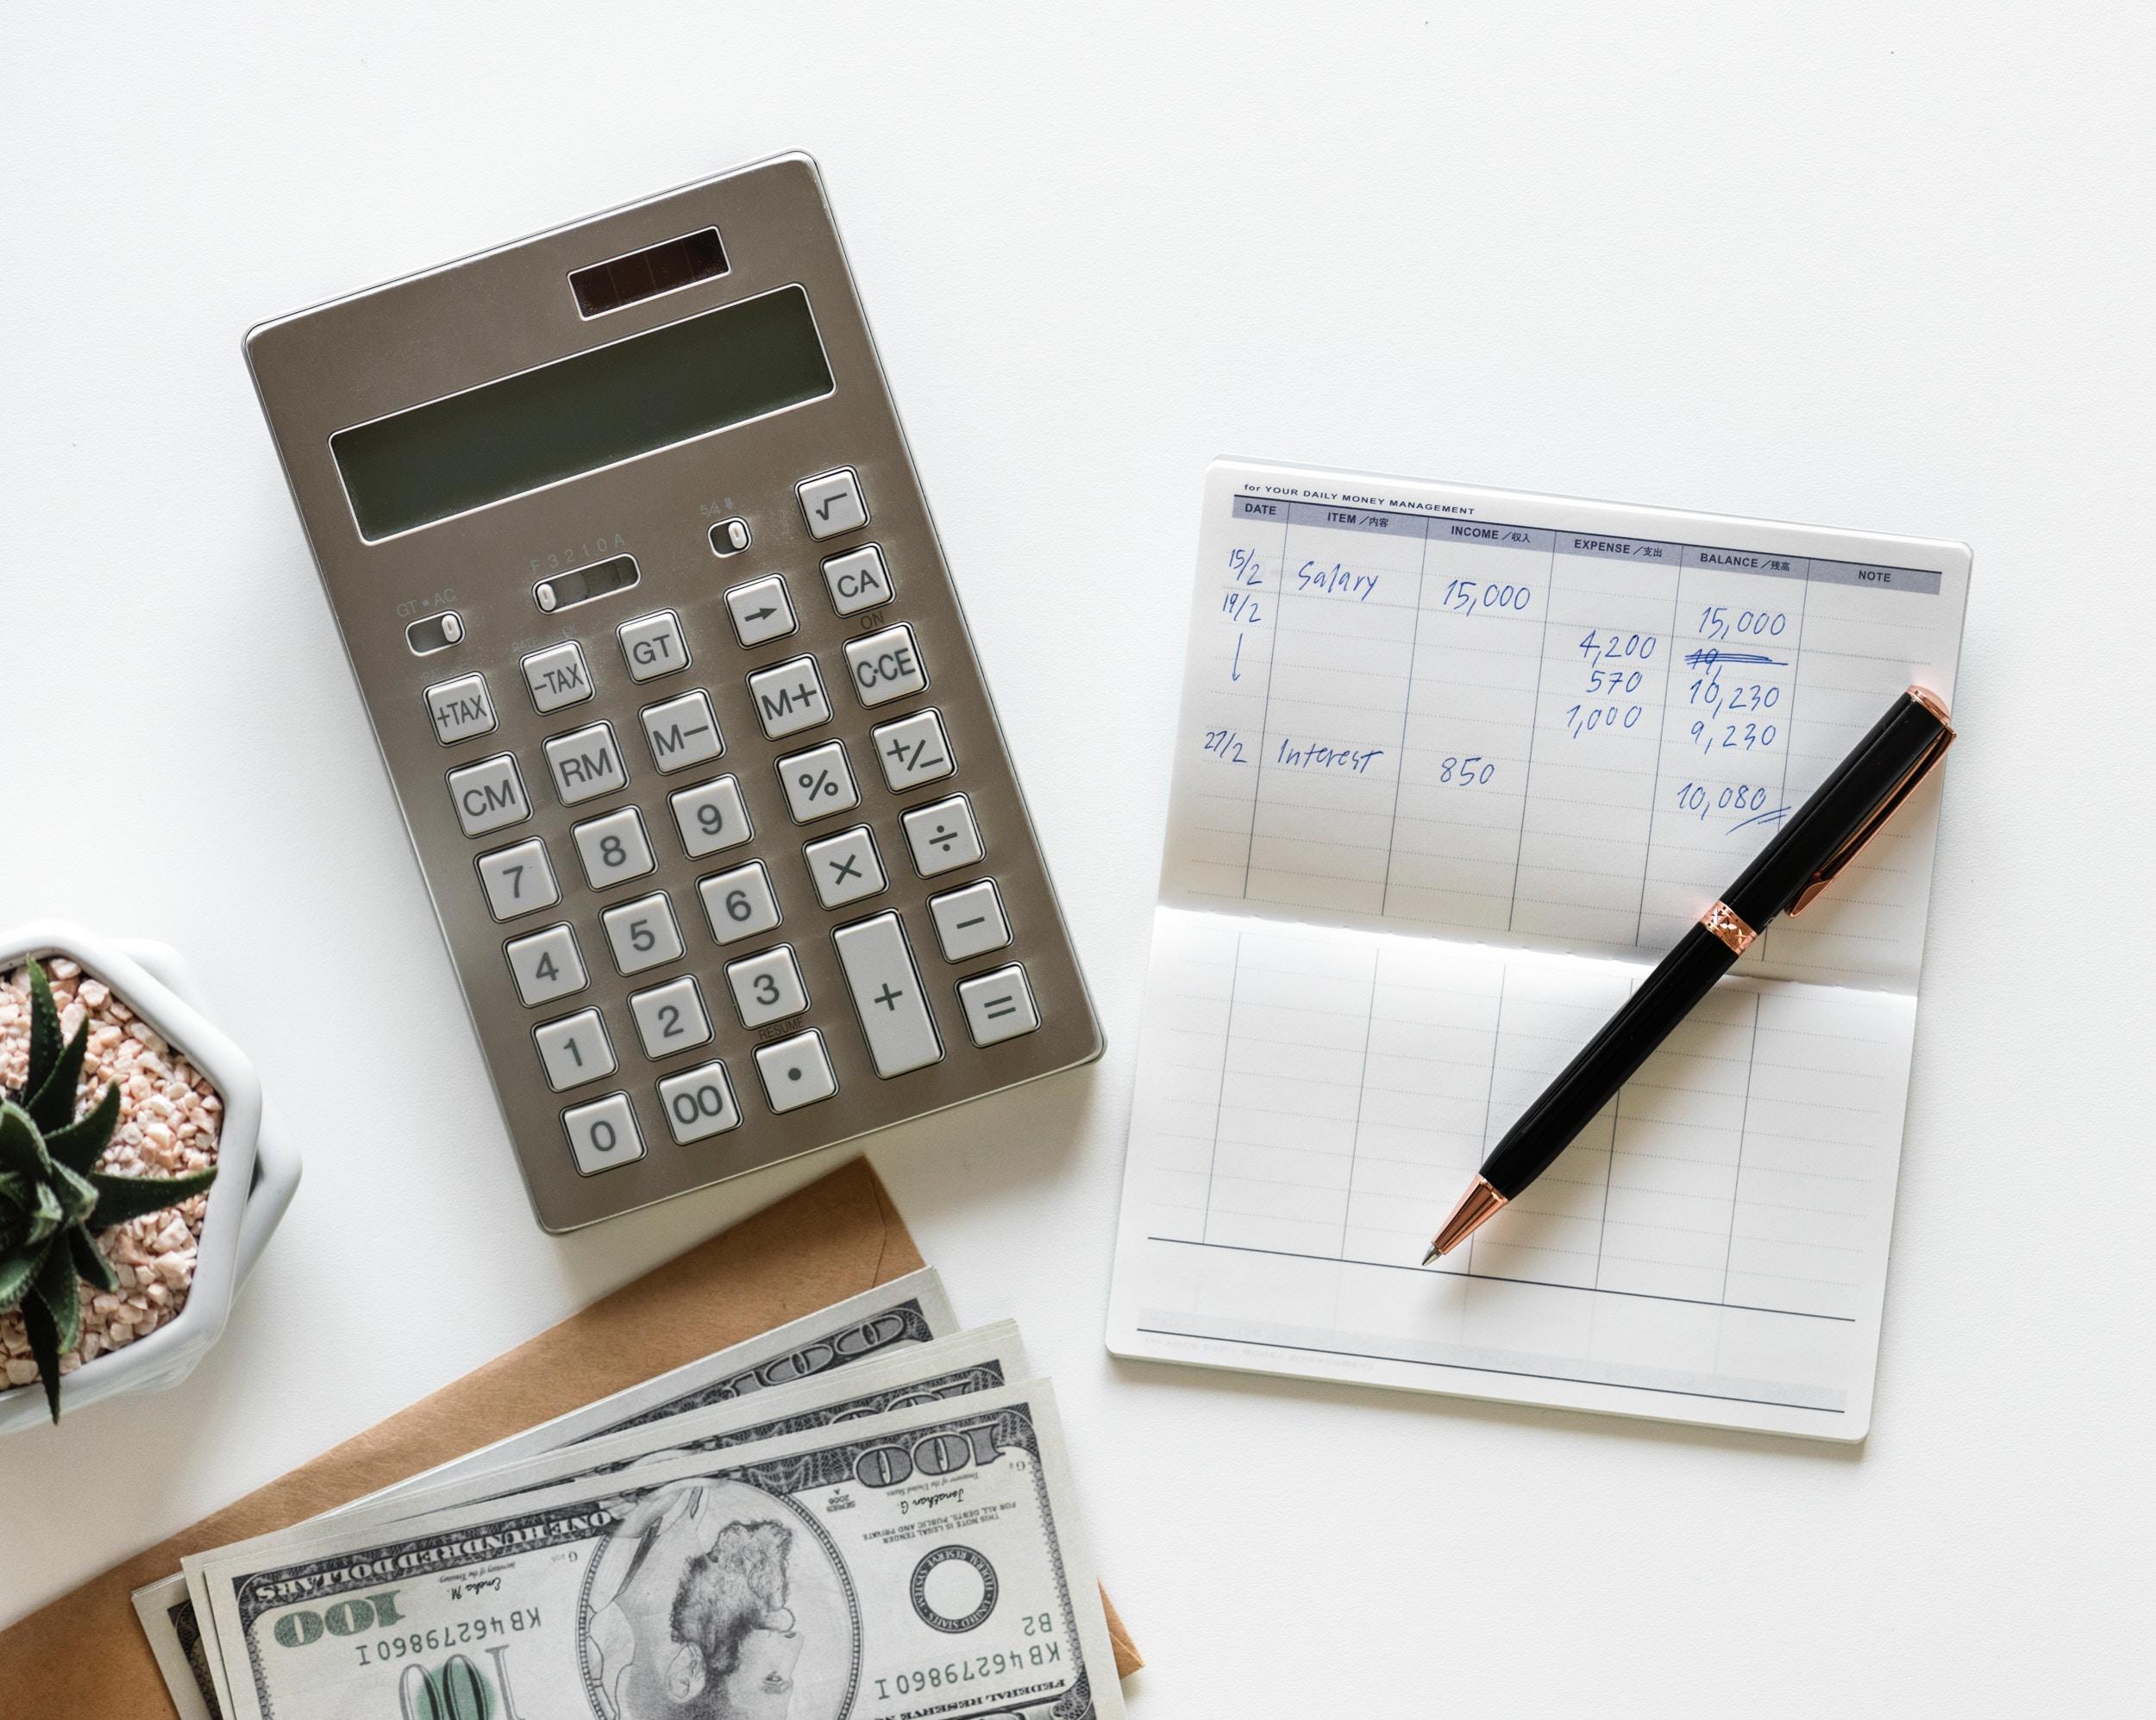 Tuhlurista säästeliääksi – vuoden 2019 säästötavoitteemme